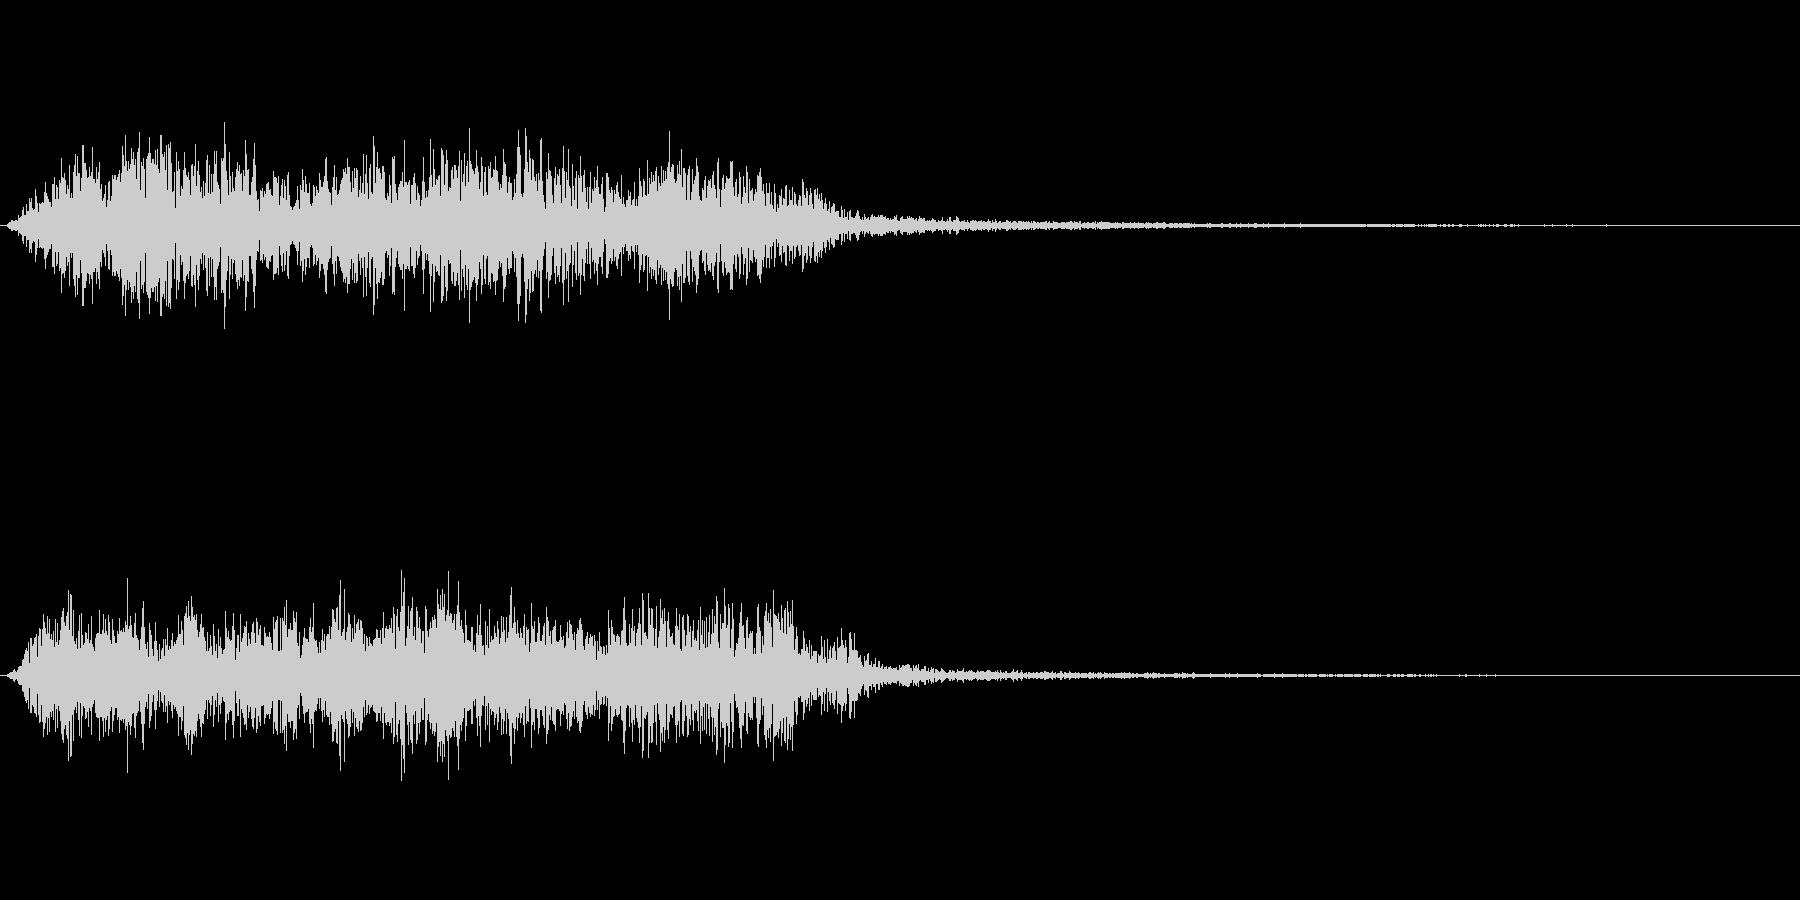 アンビエント感のあるノイズ効果音の未再生の波形